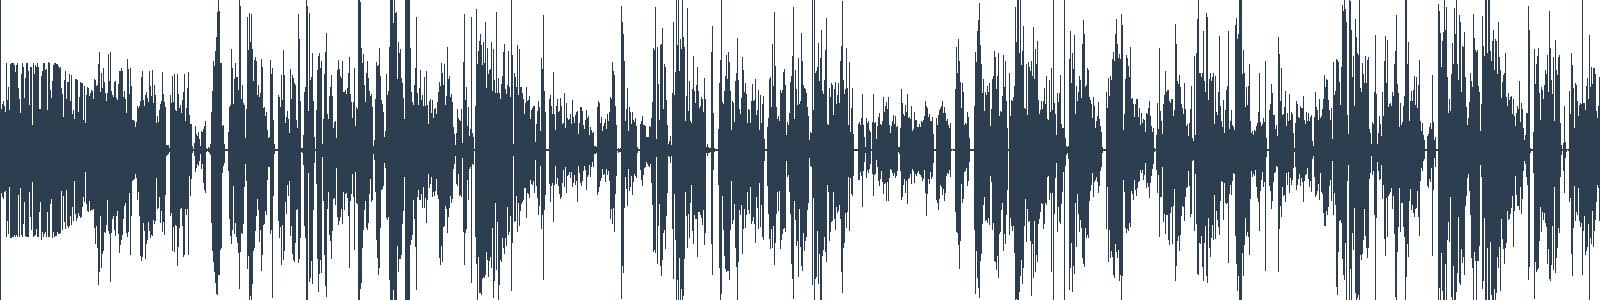 Audinovinky 23 - Svět knihy waveform